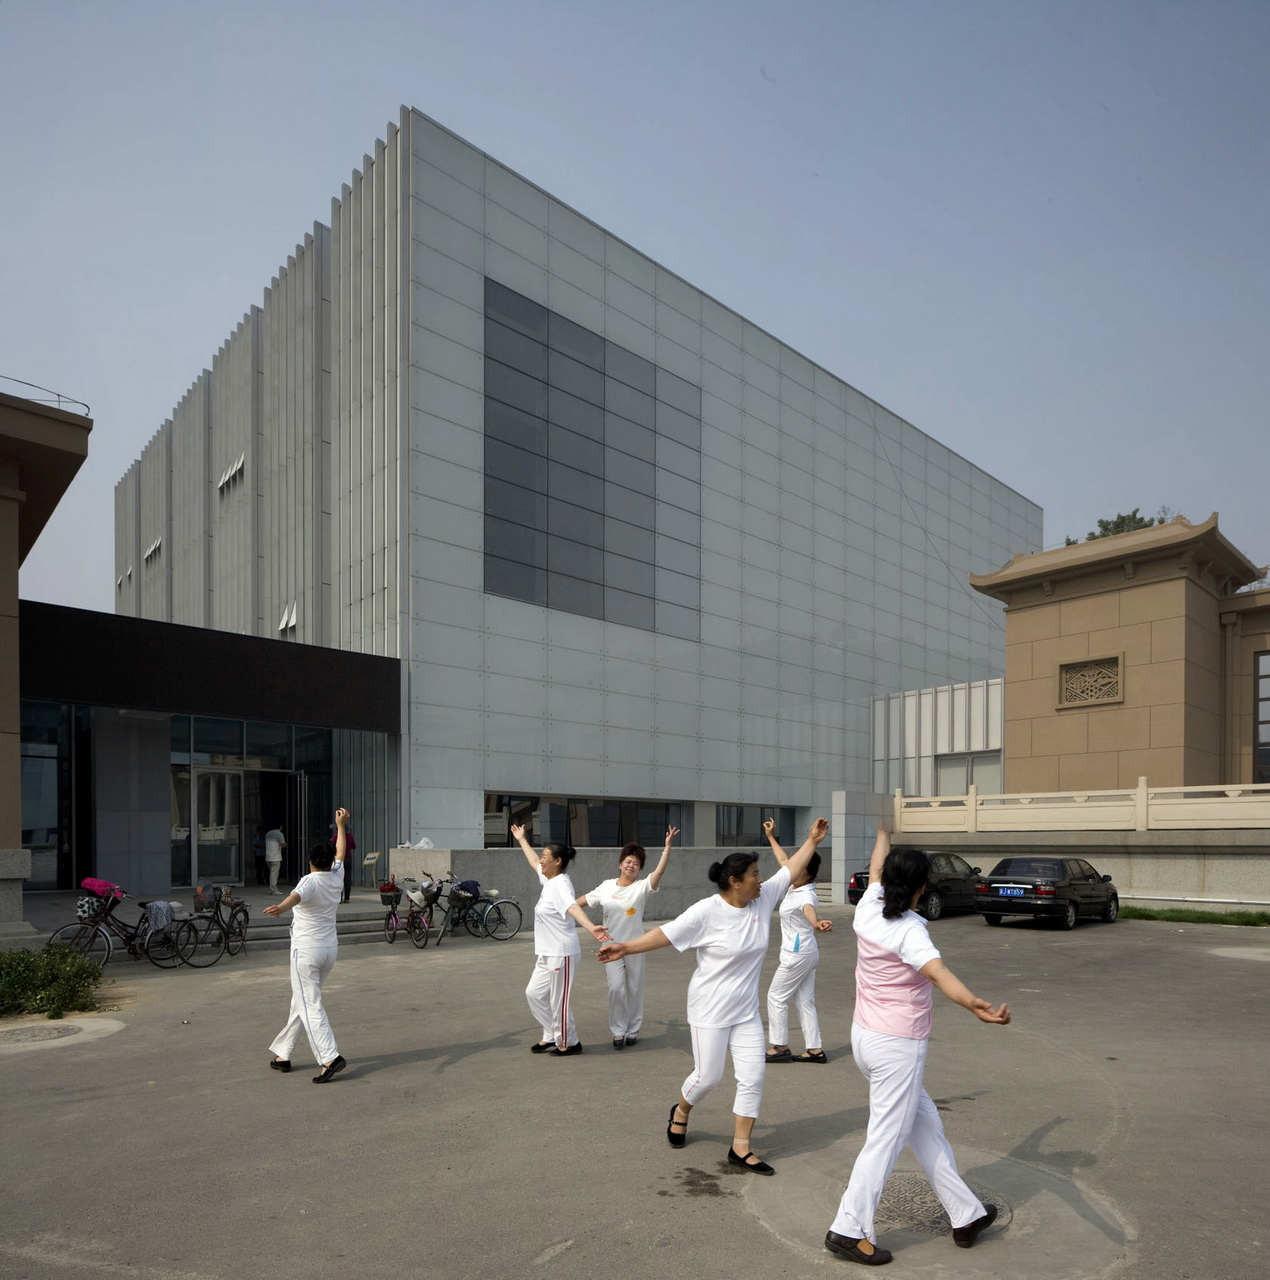 Tangshan Museum Expansion / Urbanus, © Chen Yao & Hao Gang